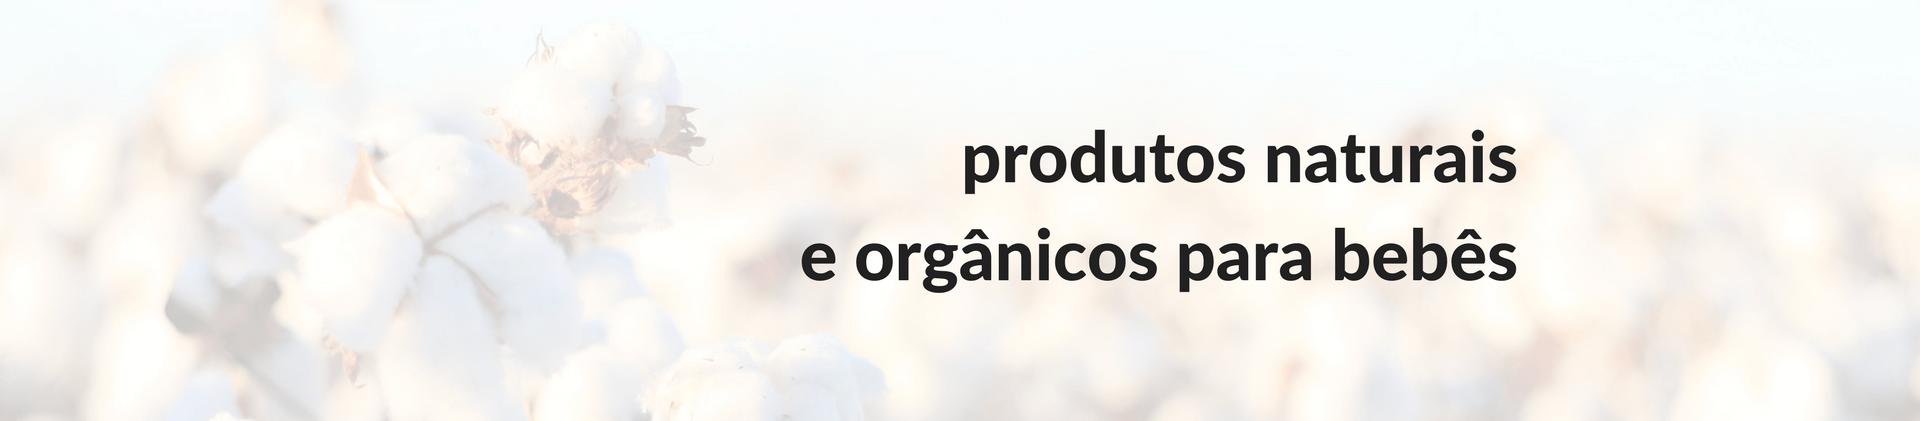 Produtos naturais e orgânicos para bebês